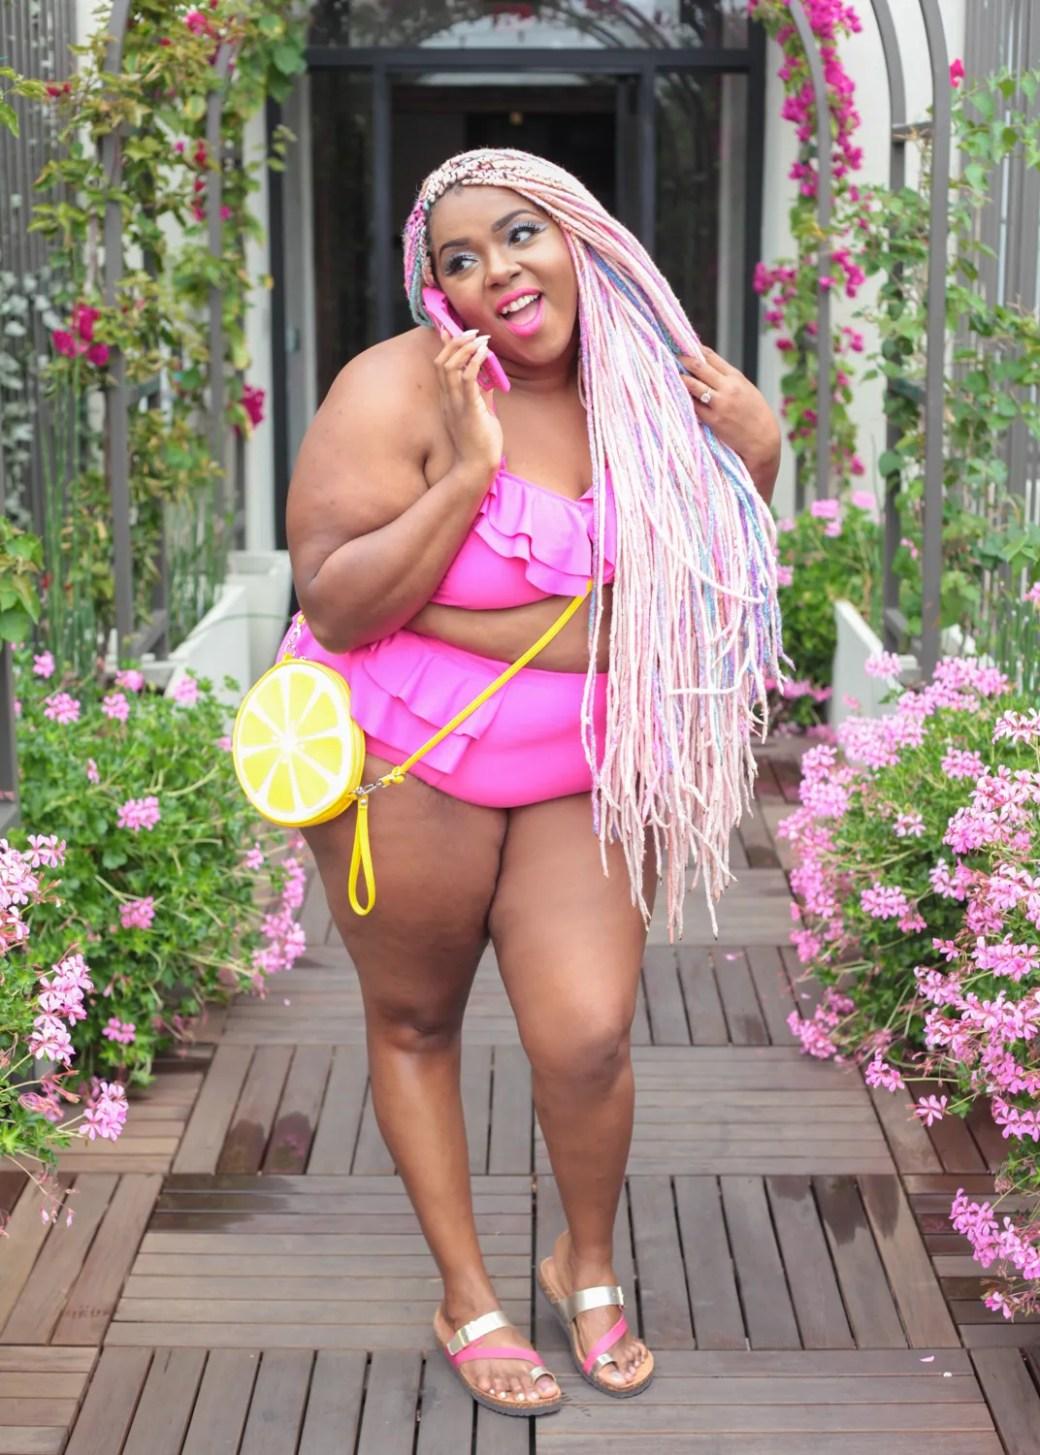 Amina hot pink ruffle bikini